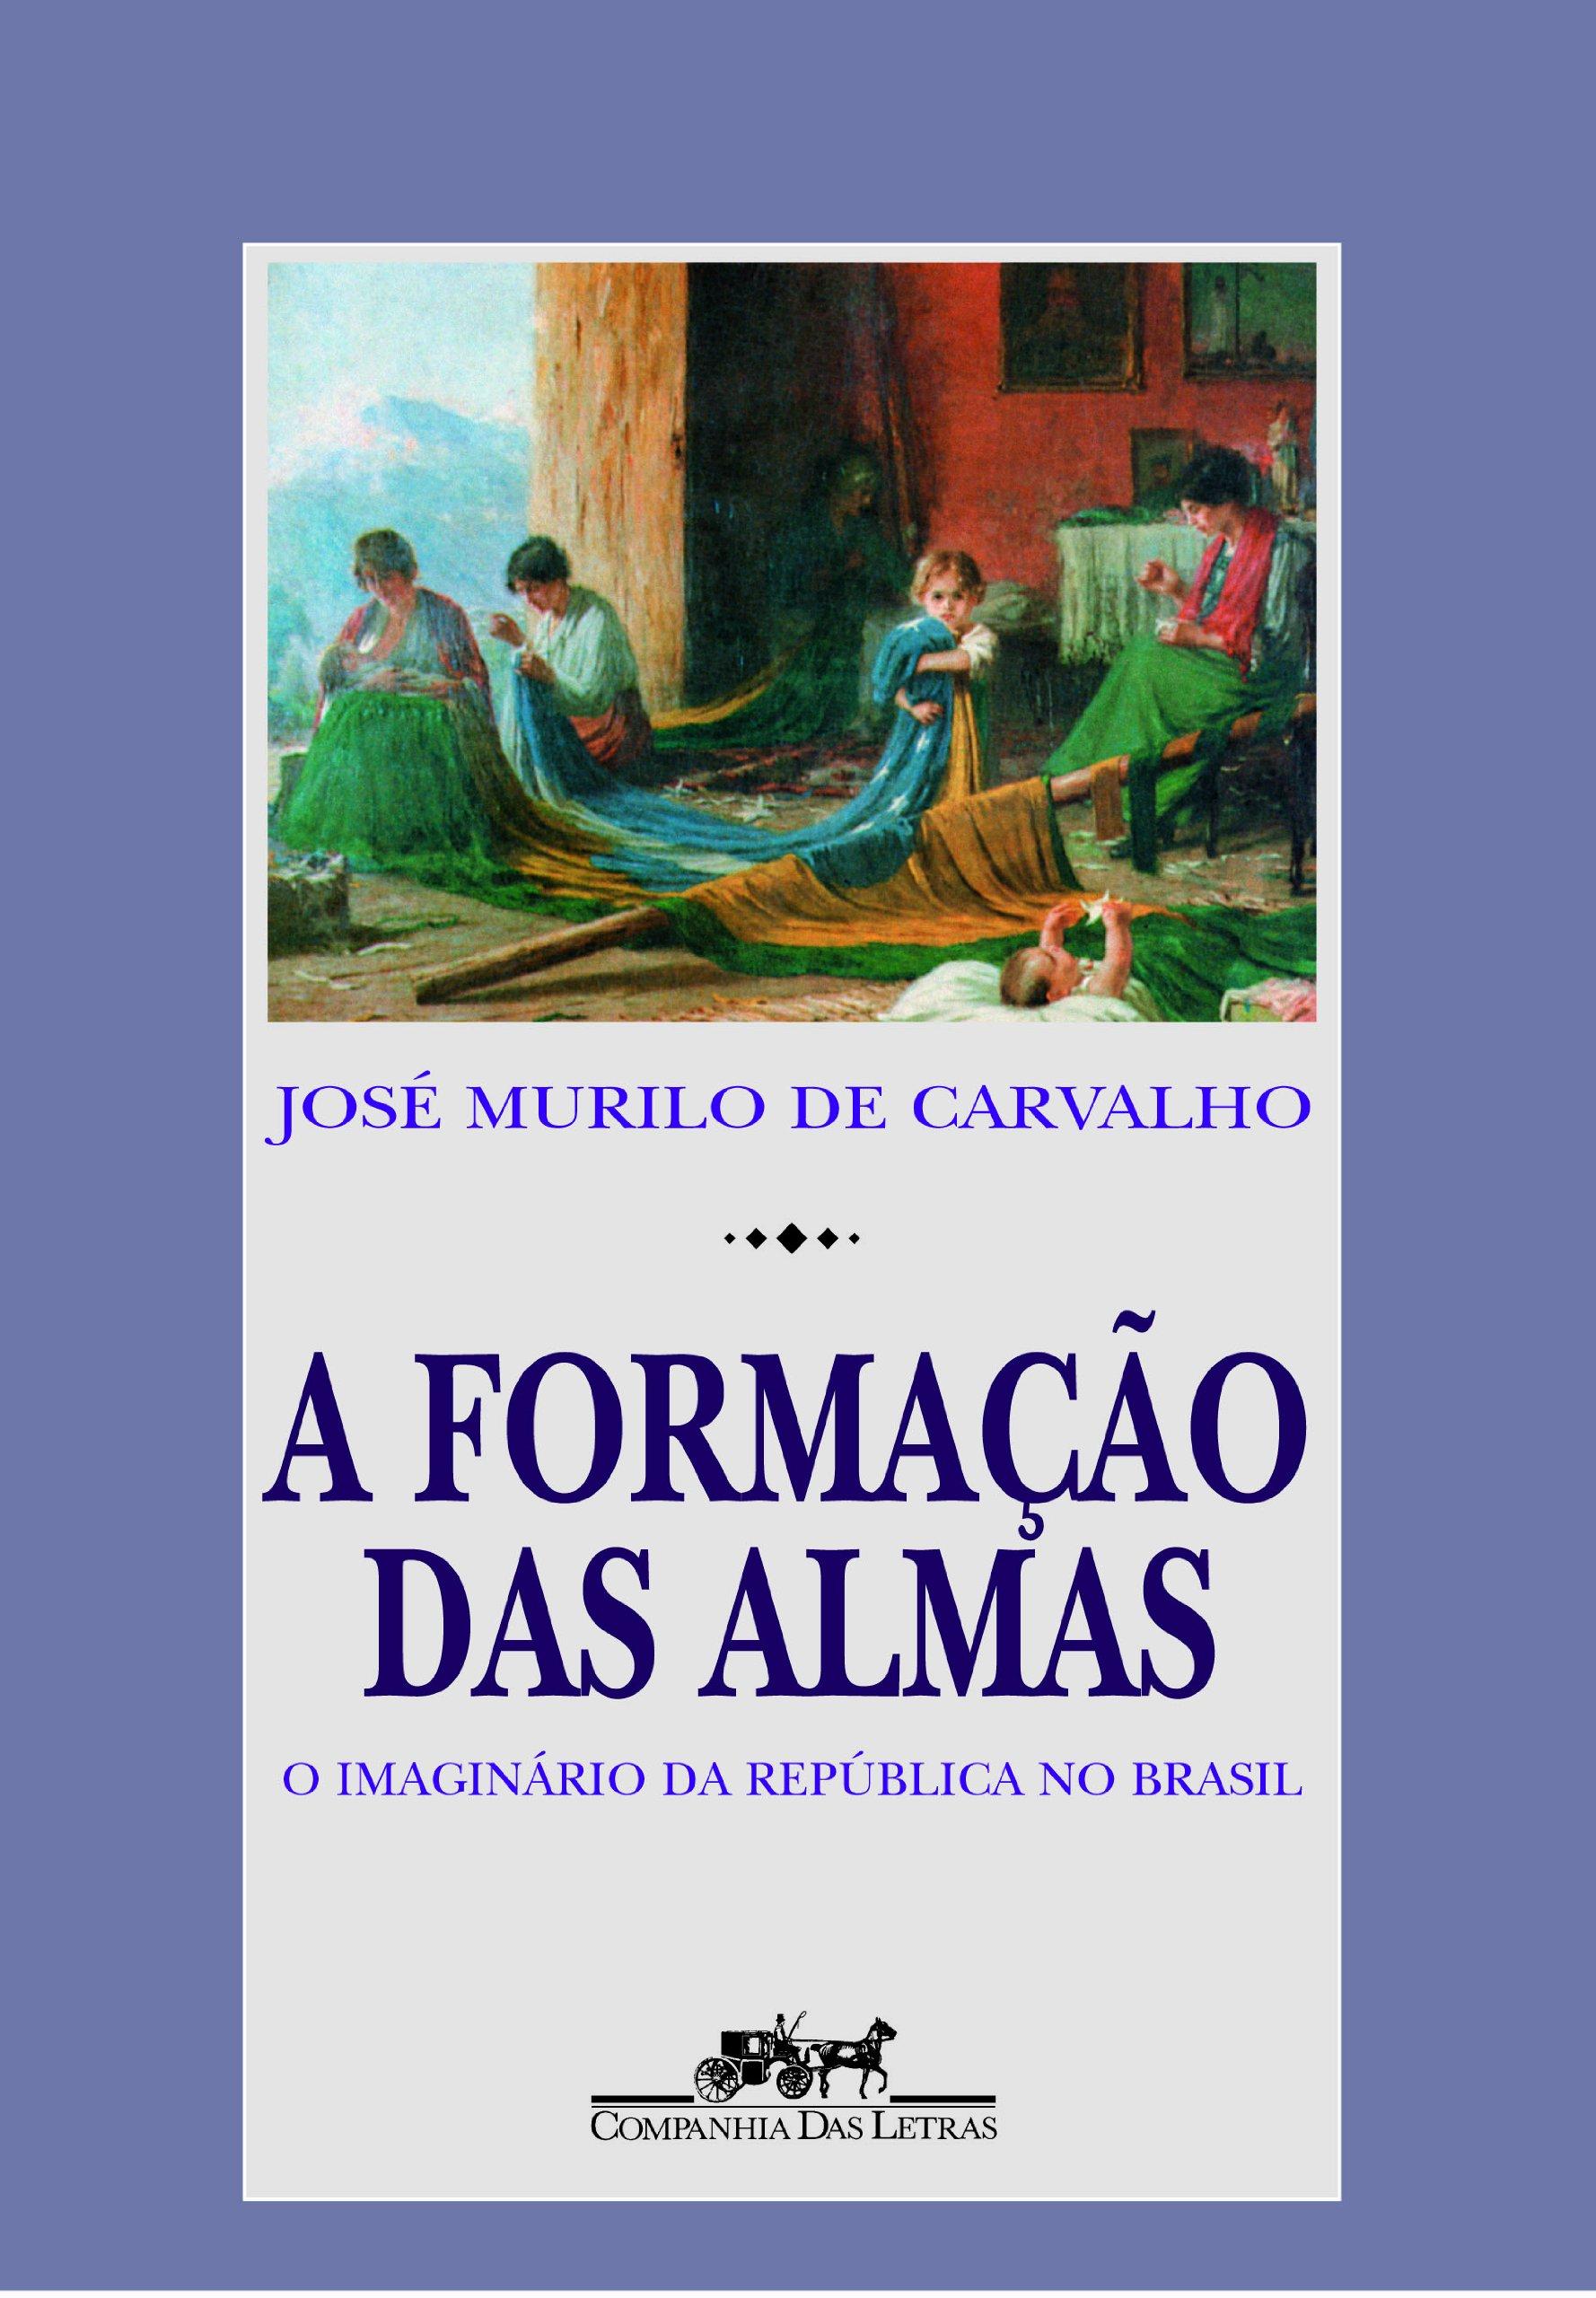 cfb284b0d8a A formação das almas - 9788571641280 - Livros na Amazon Brasil